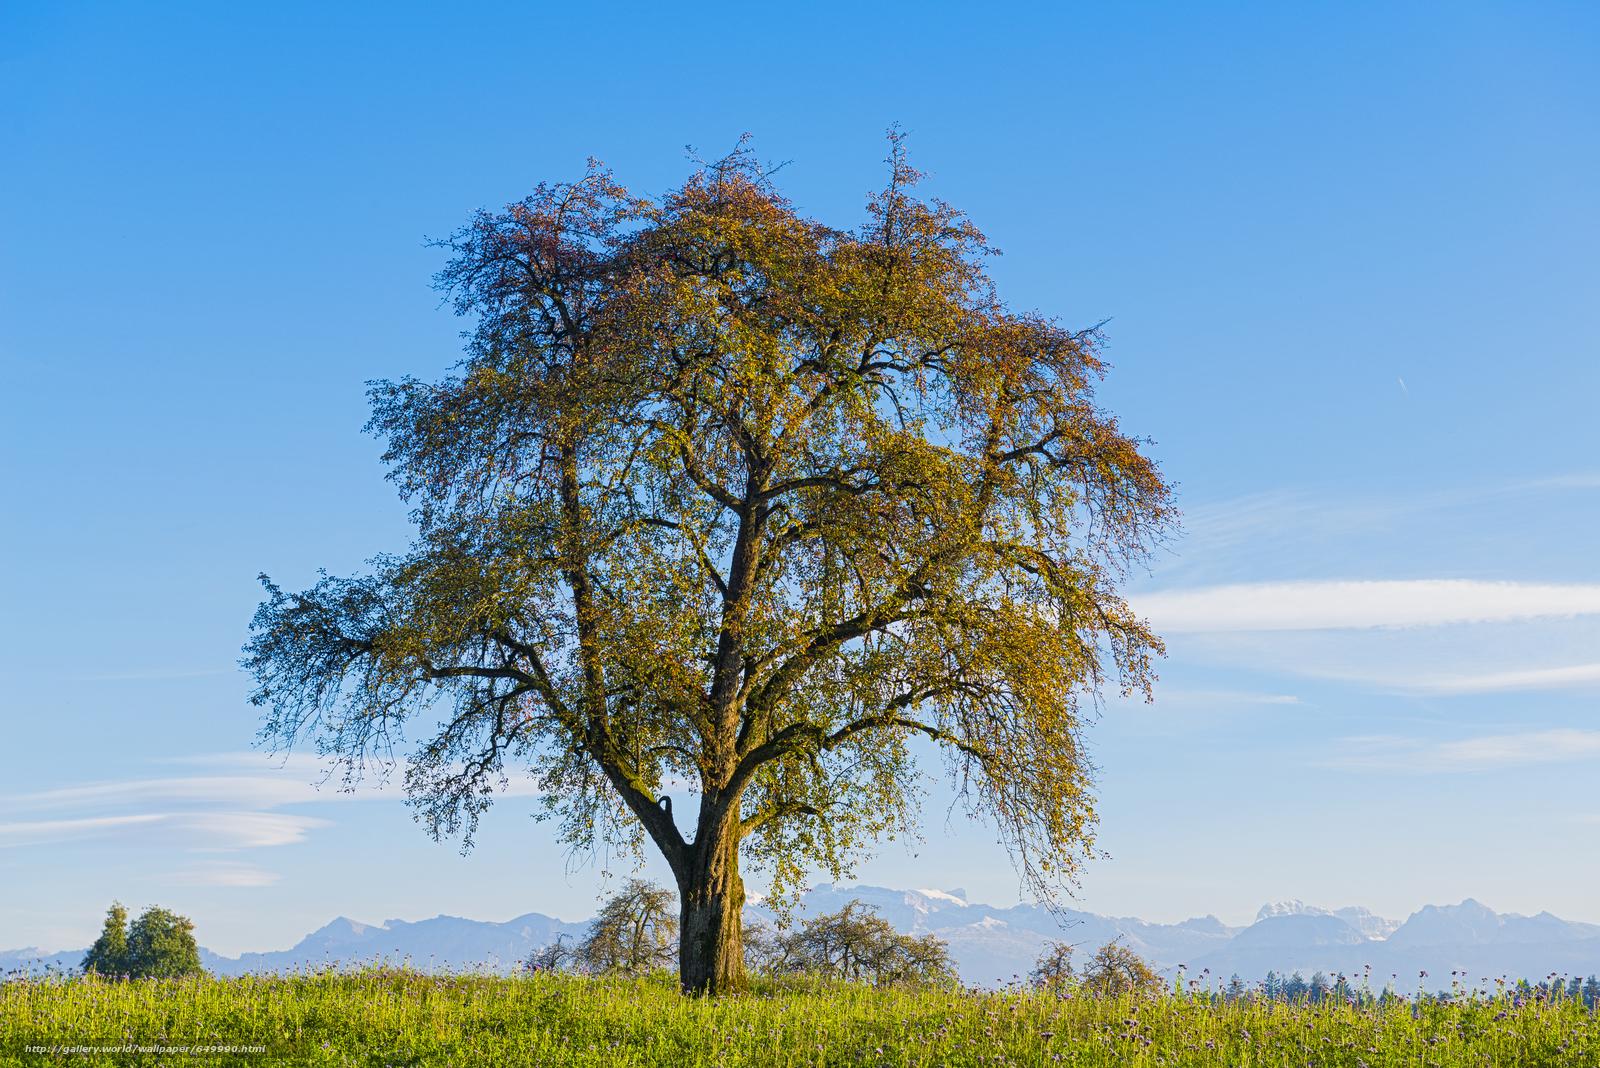 Скачать обои поле,  деревья,  пейзаж бесплатно для рабочего стола в разрешении 7360x4912 — картинка №649990